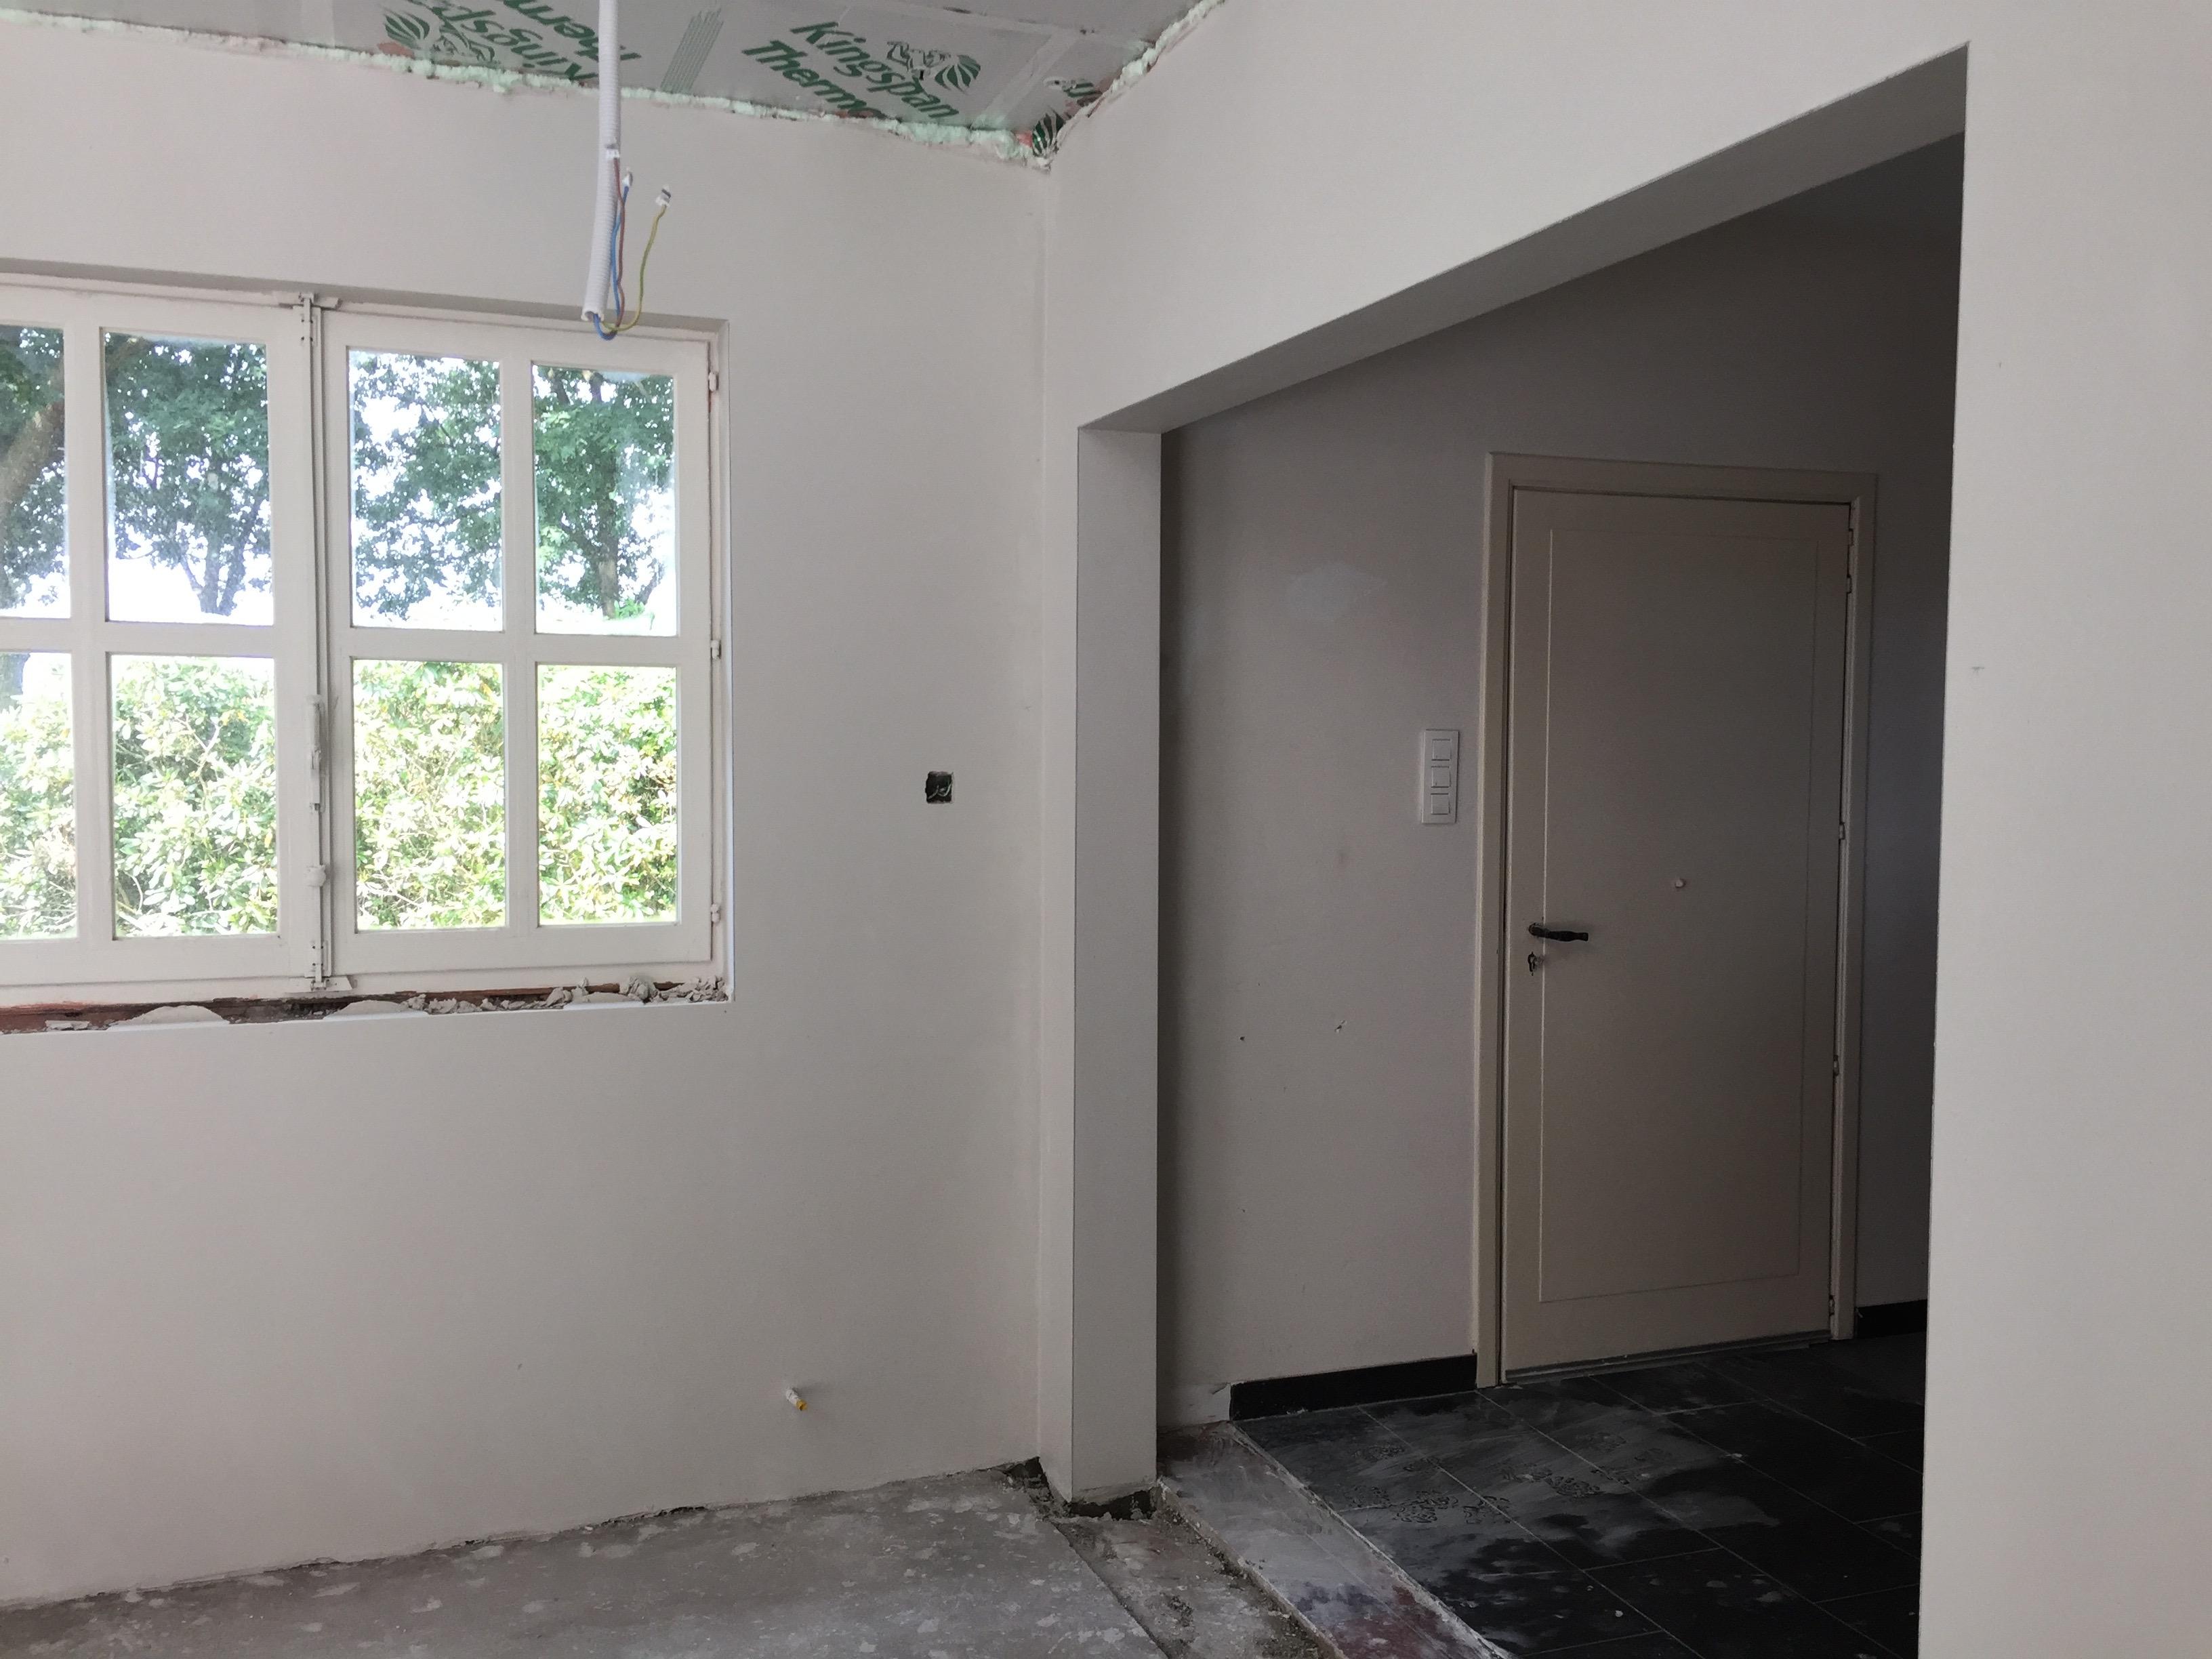 Bezetten deuropening glazen deur